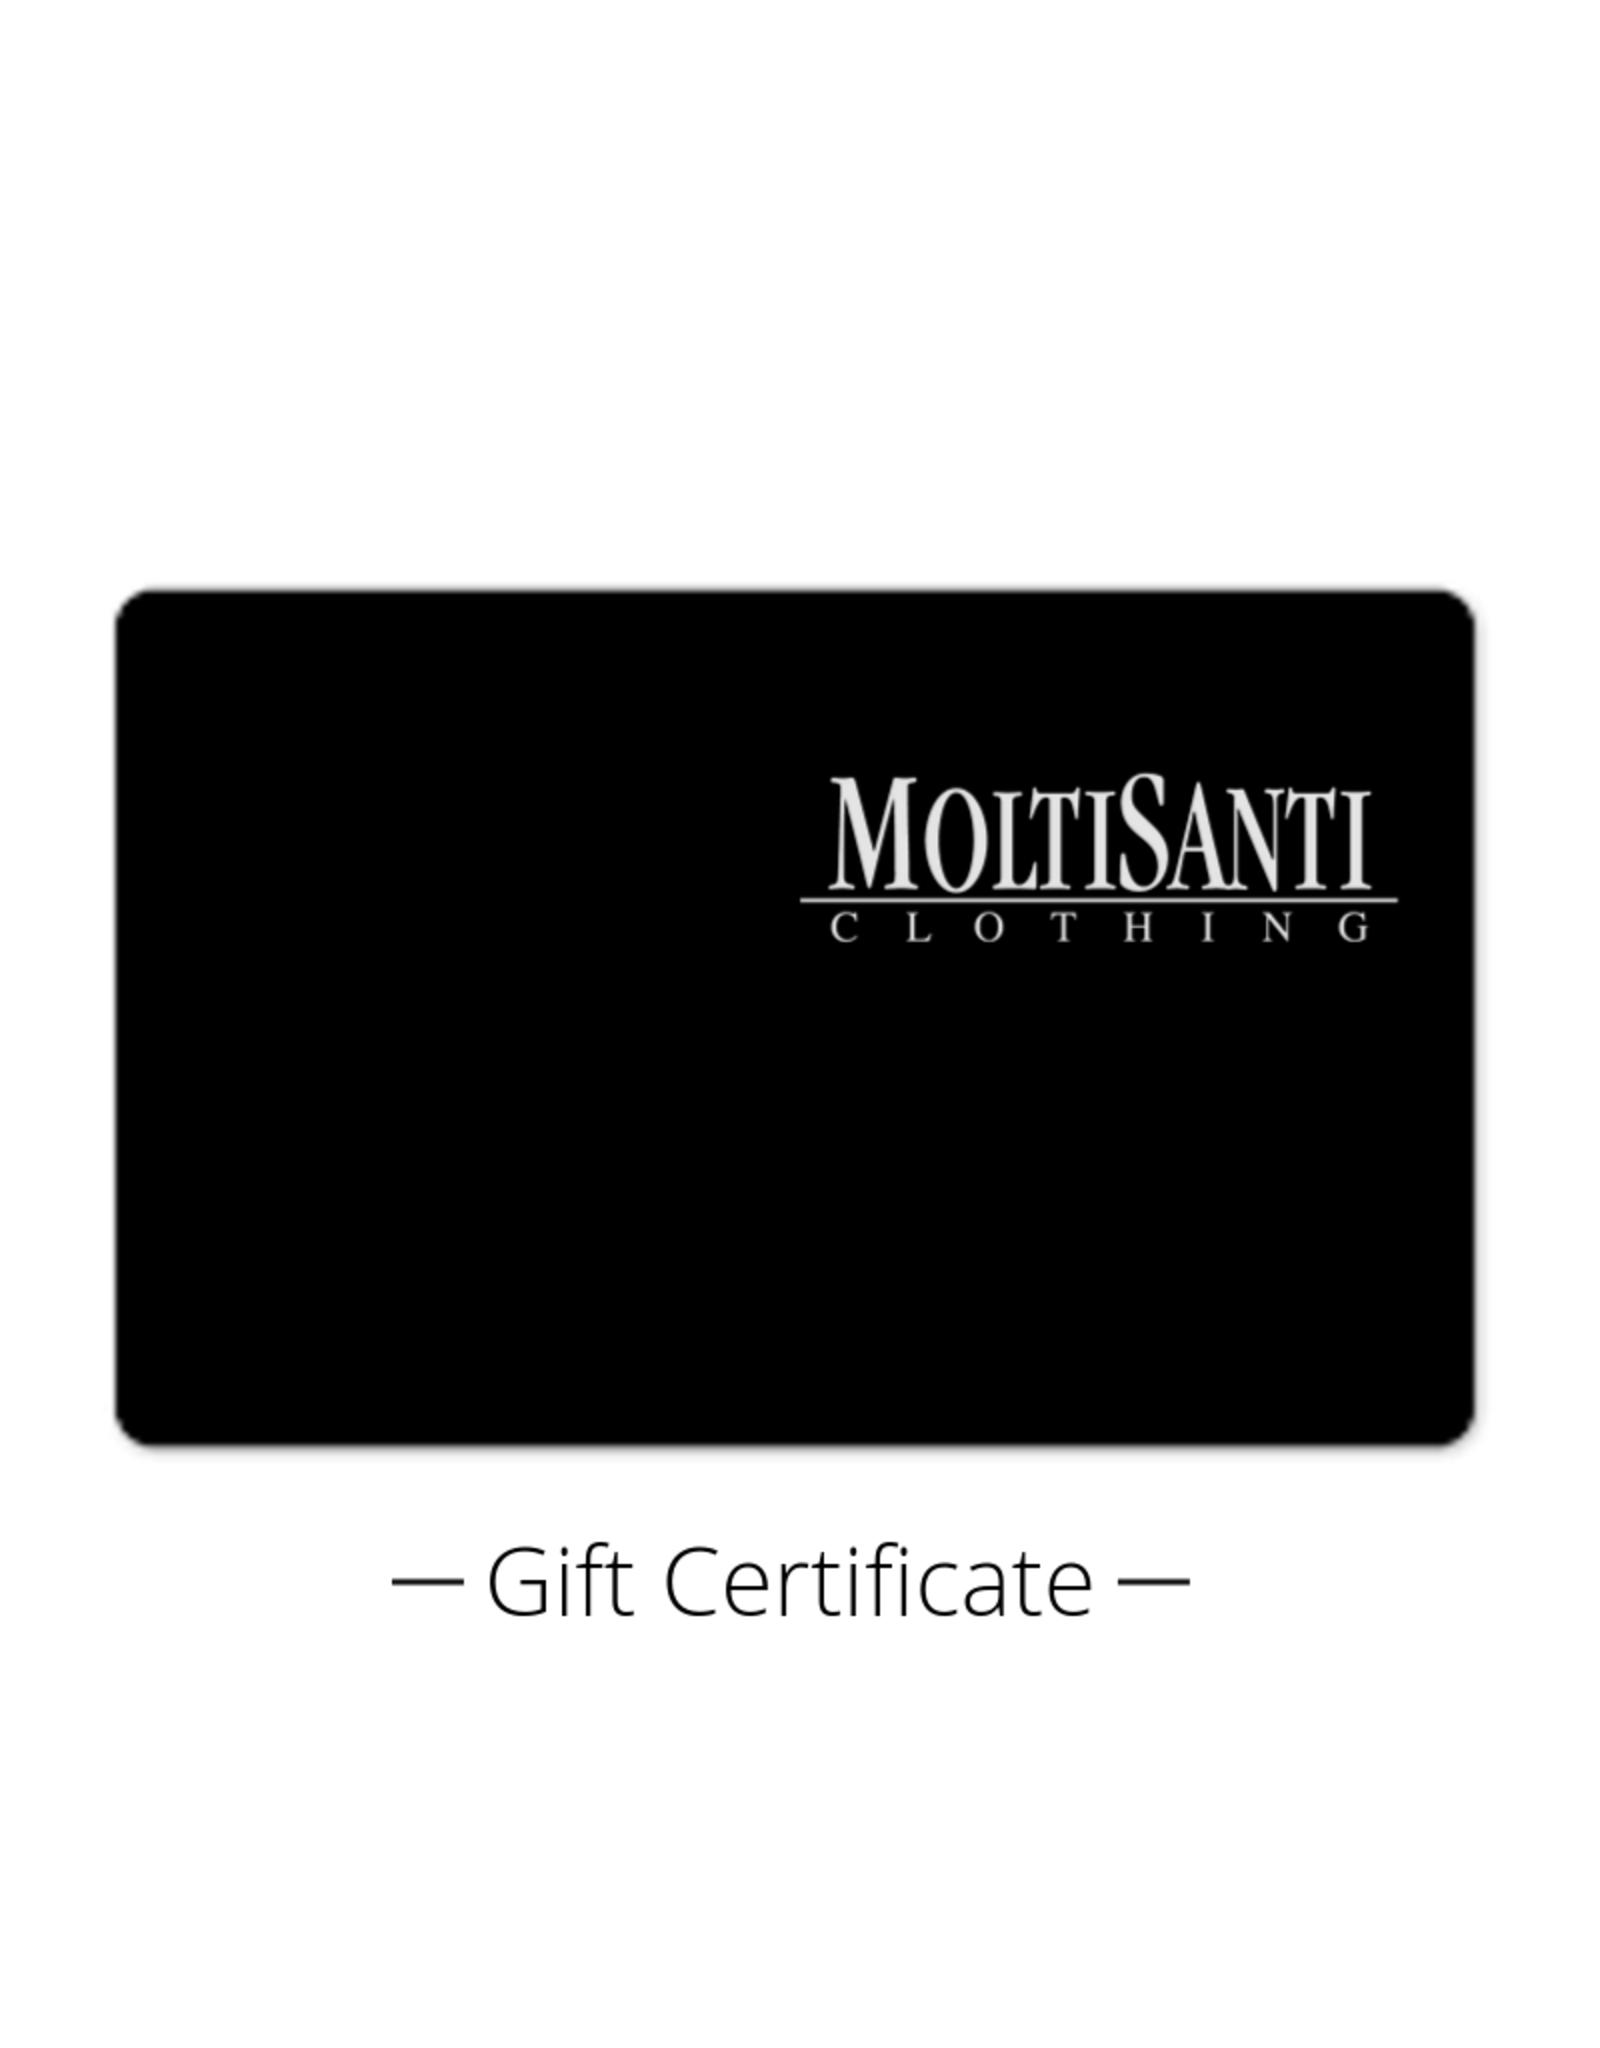 $100 Moltisanti Gift Certificate